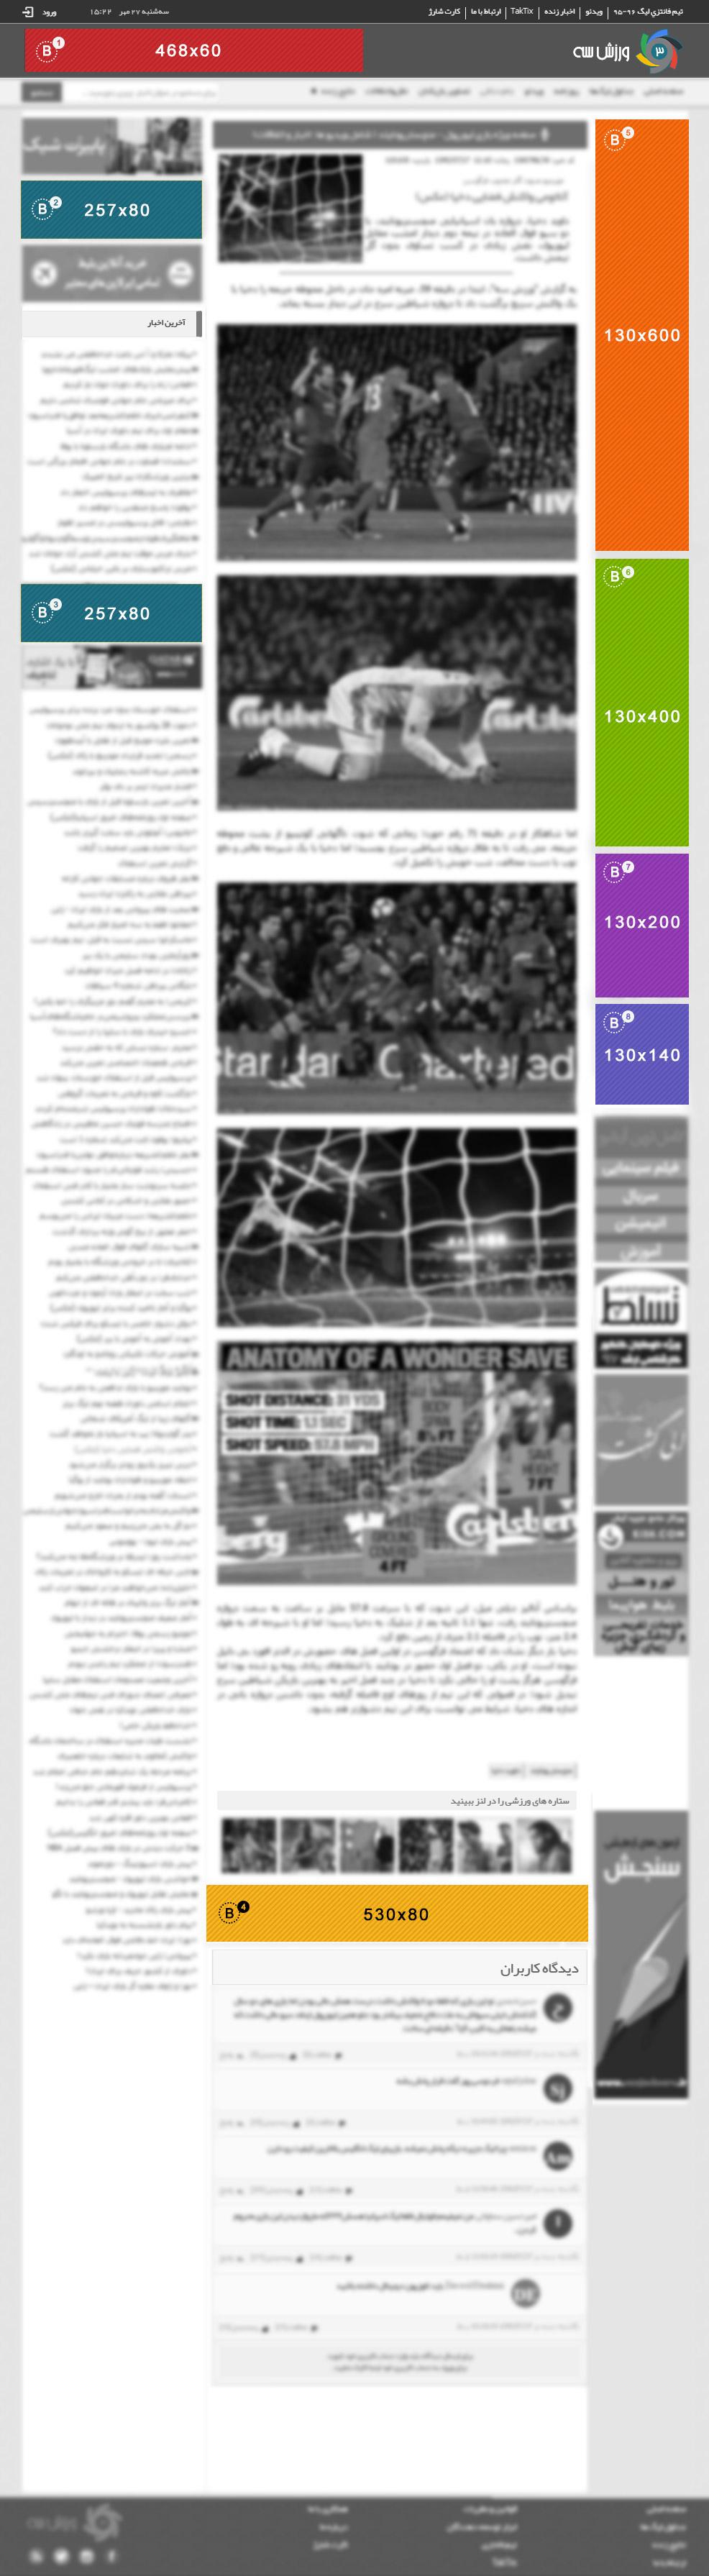 صفحات اخبار